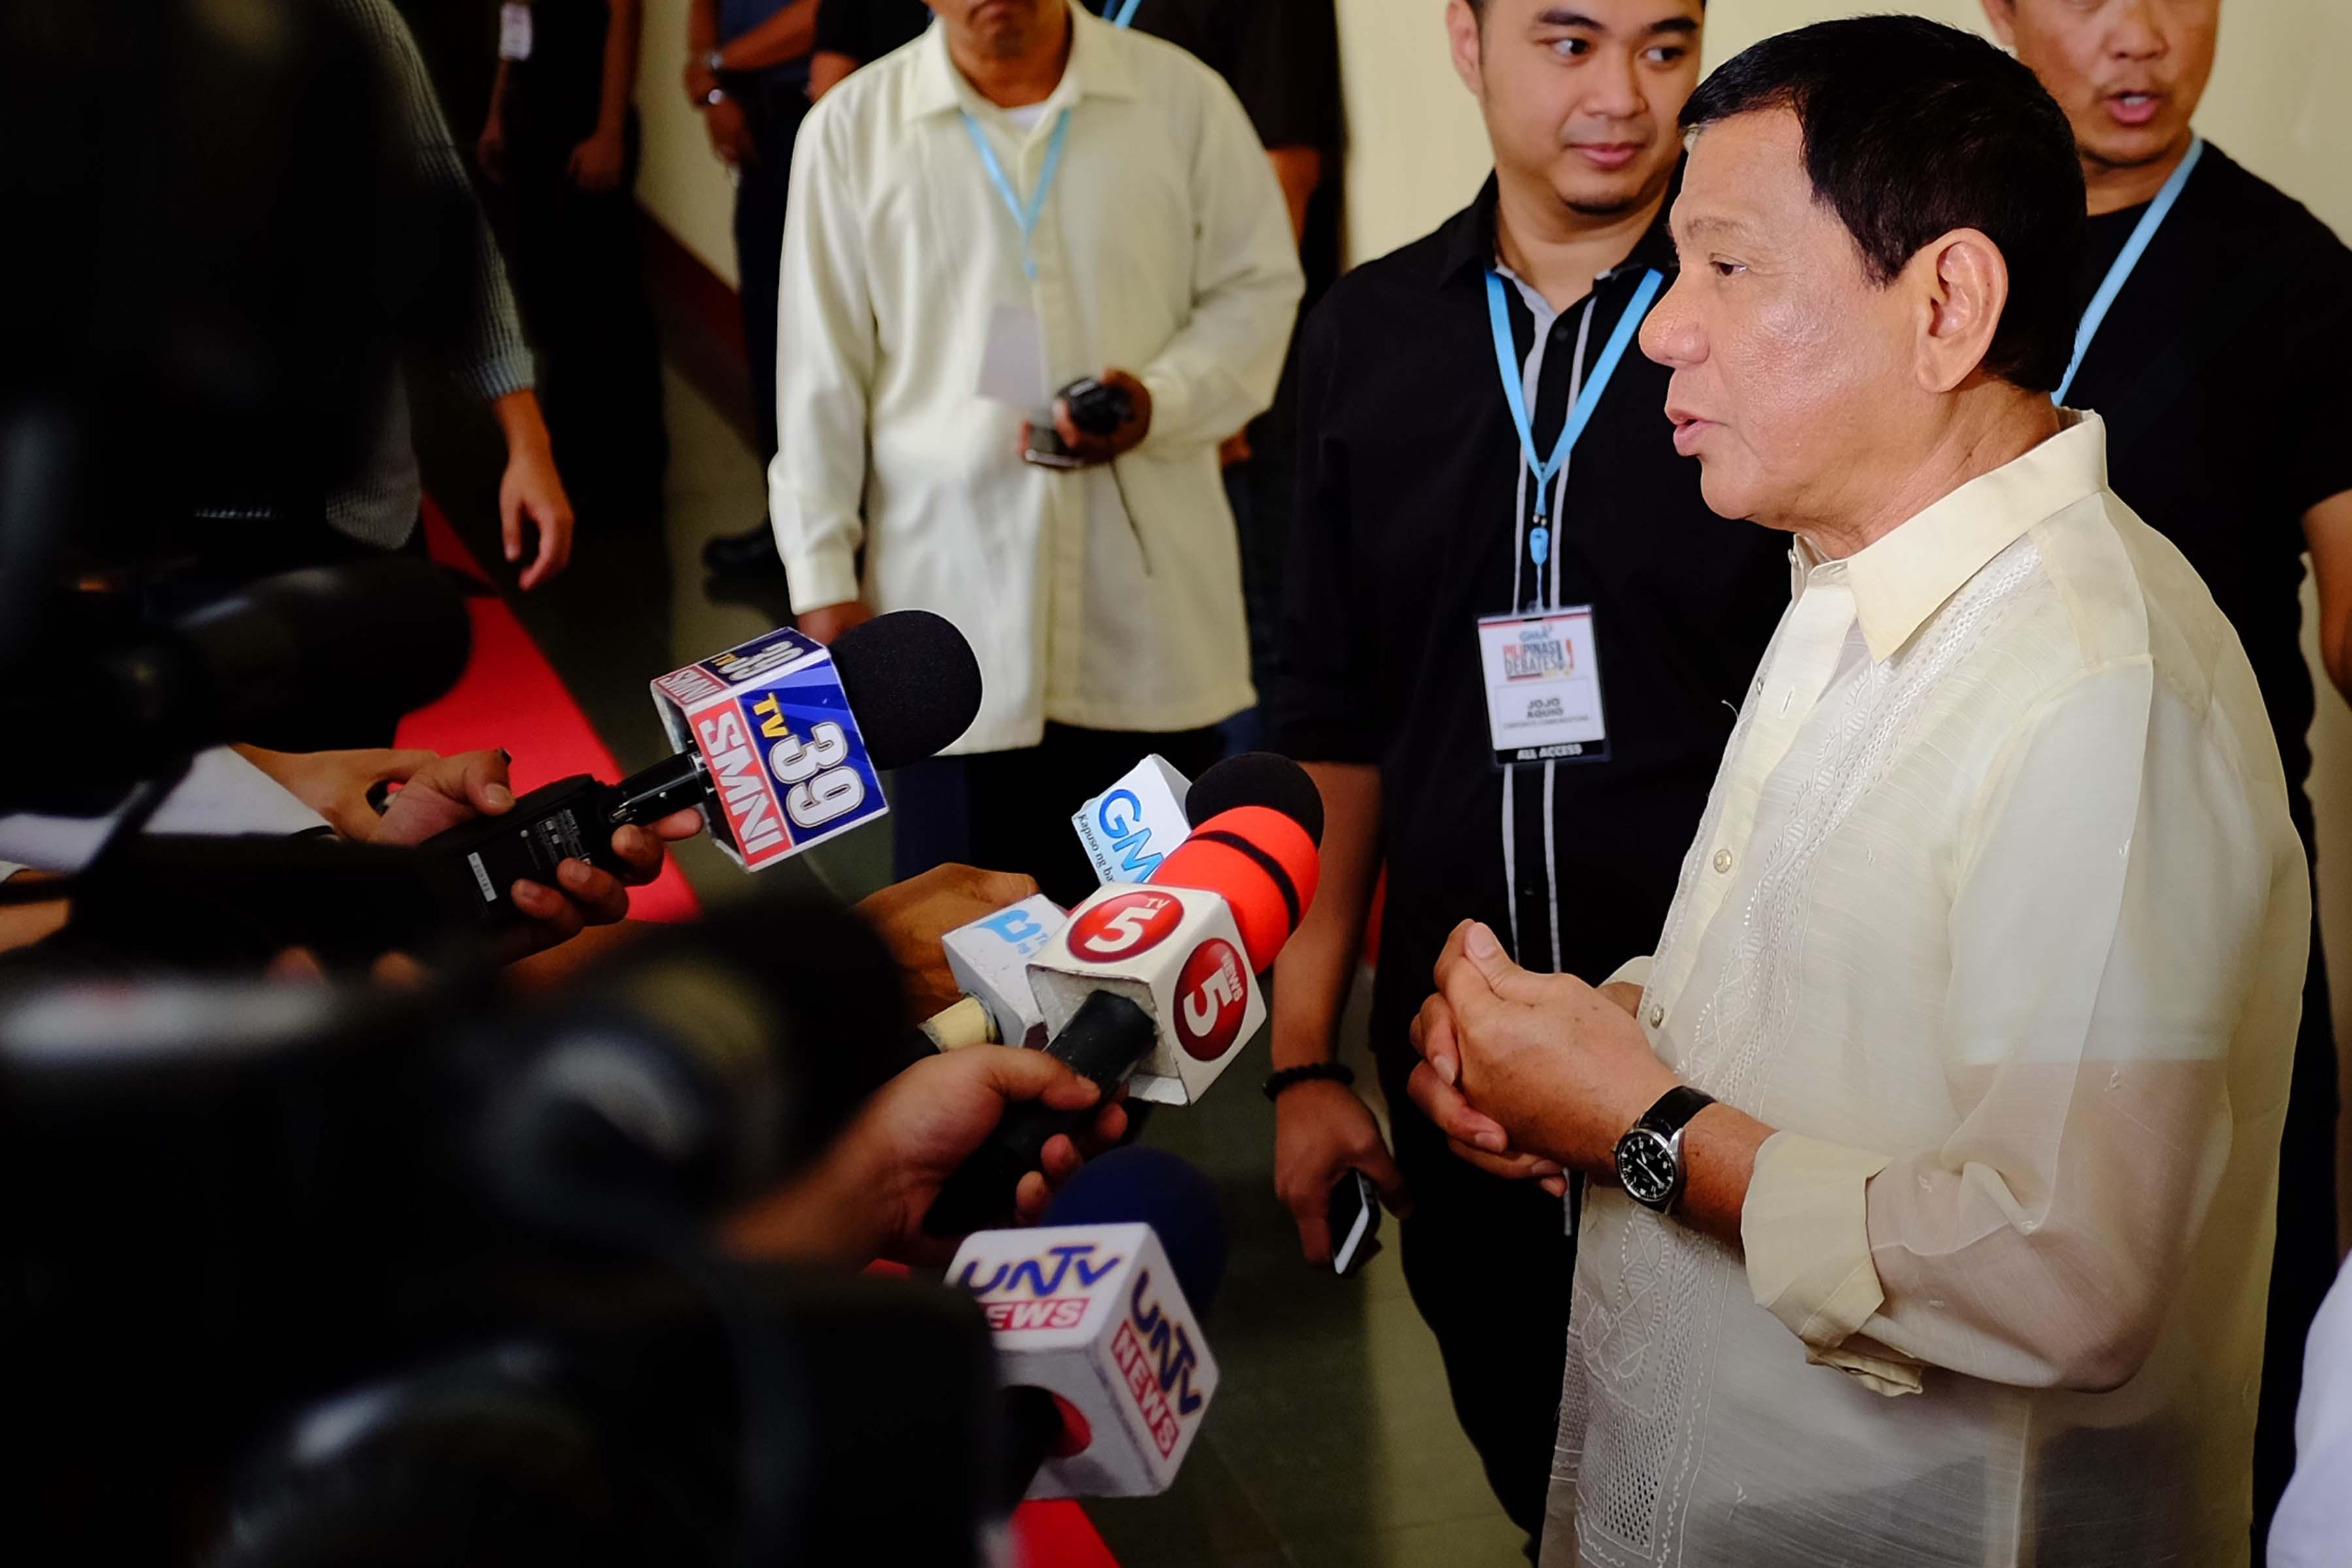 Tula Tungkol Sa Wikang Filipino: Wika Natin ang Daang Matuwid